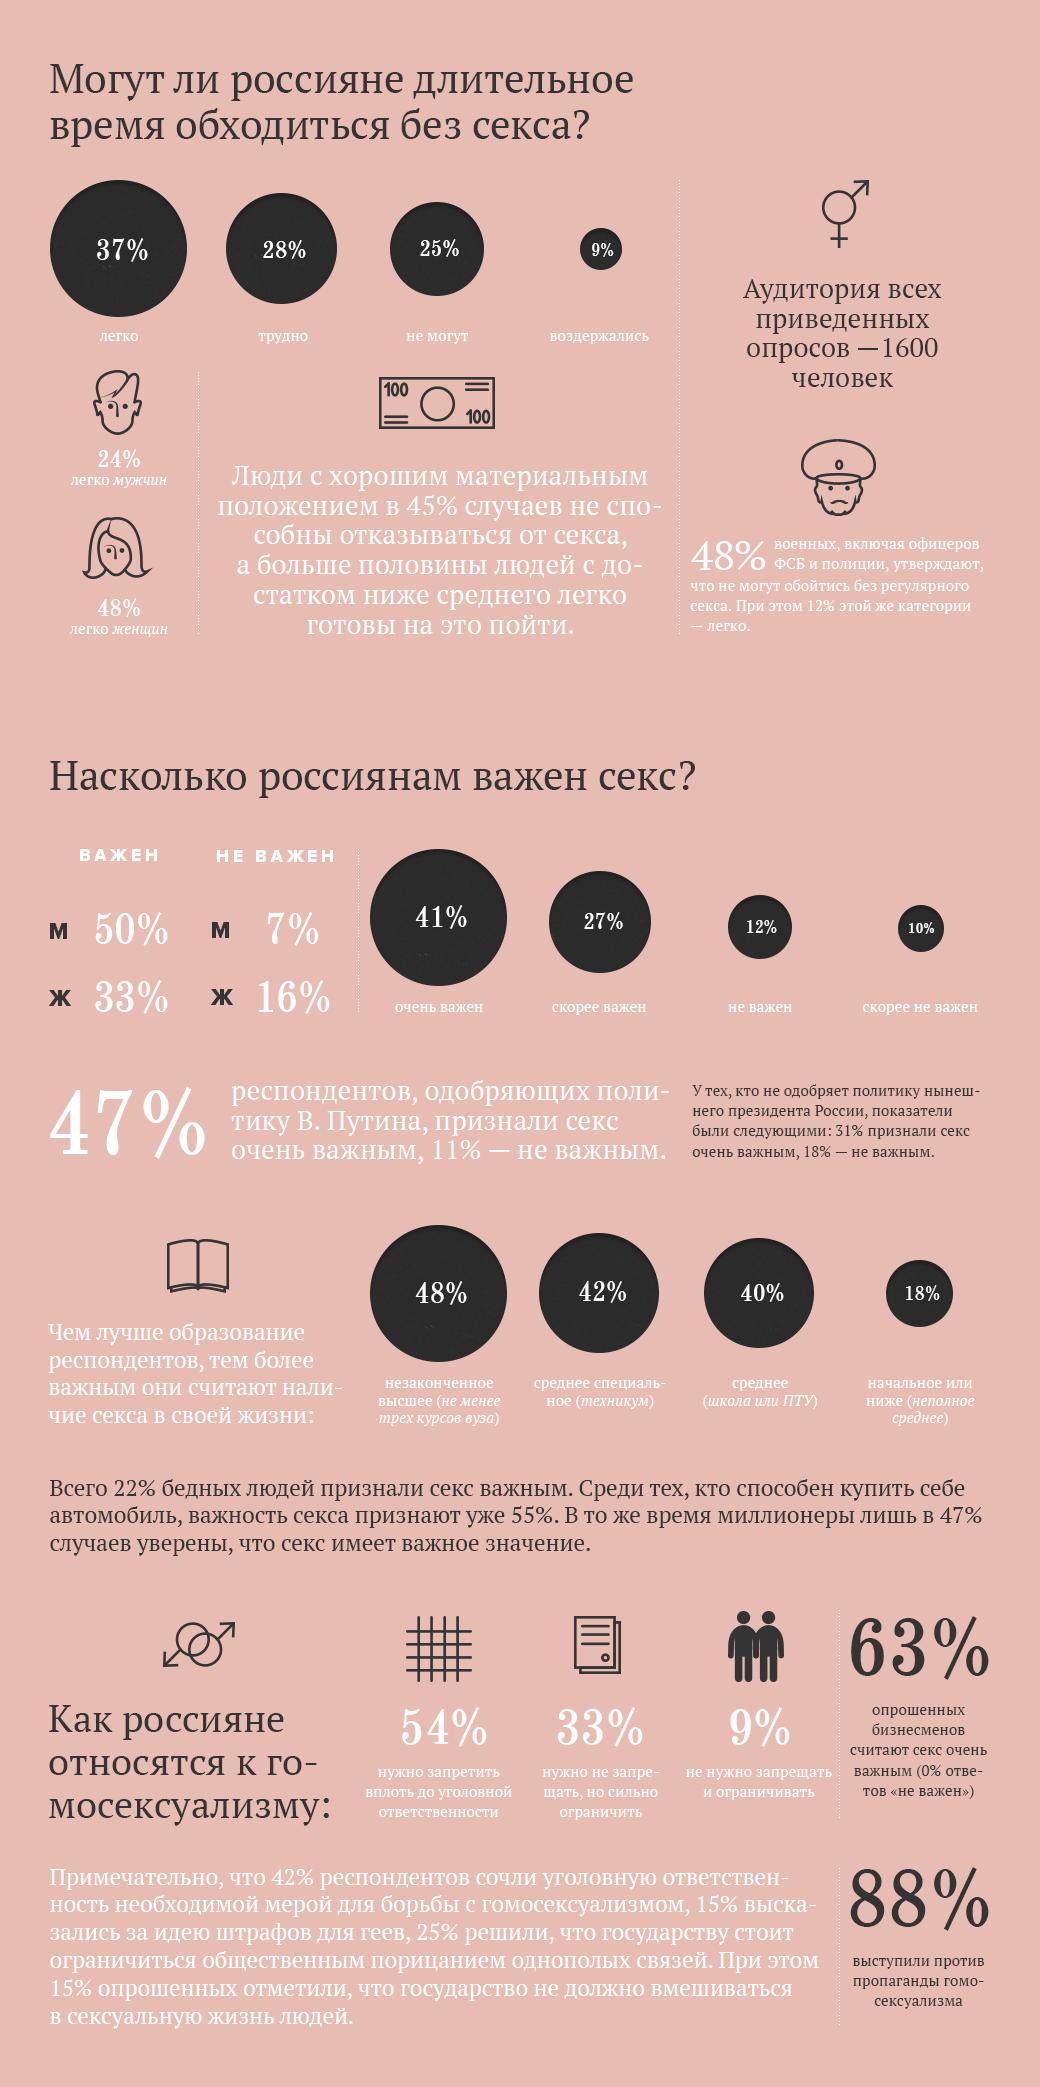 Сексуальная жизнь россиян в цифрах и фактах. Изображение № 1.